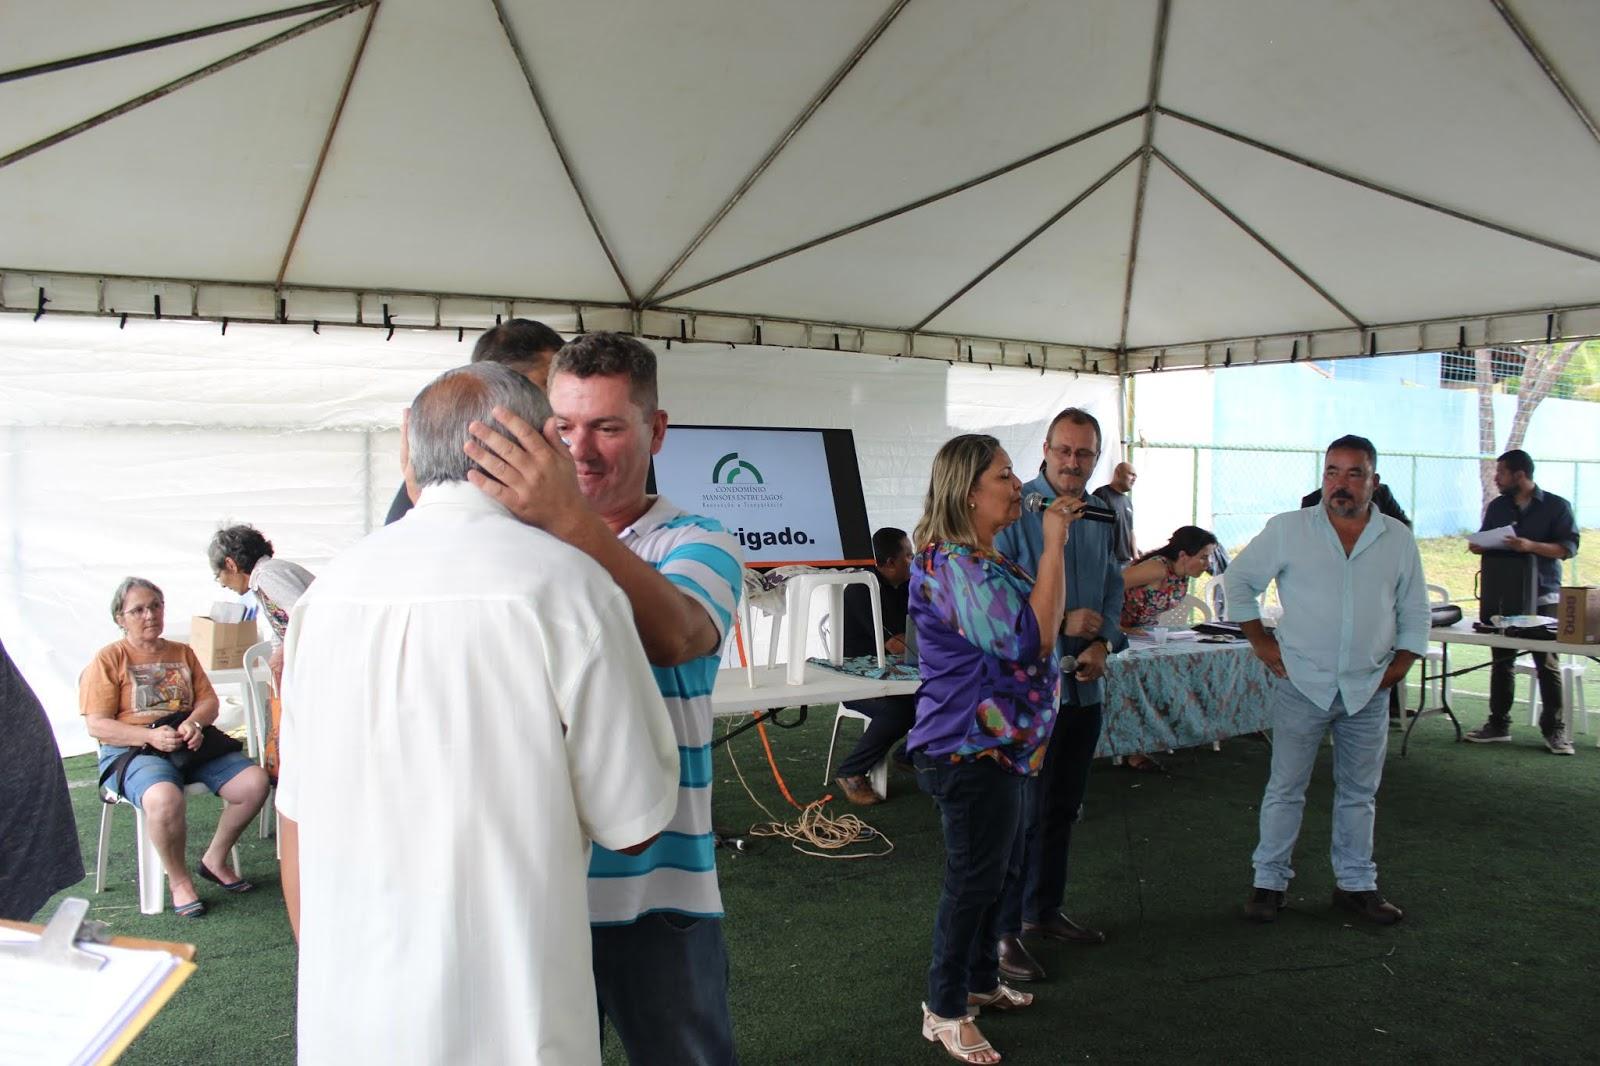 IMG 2846 - Novo administrador do Paranoá, Sergio Damasceno, começa seu primeiro dia de trabalho no Domingo ouvindo a comunidade local.